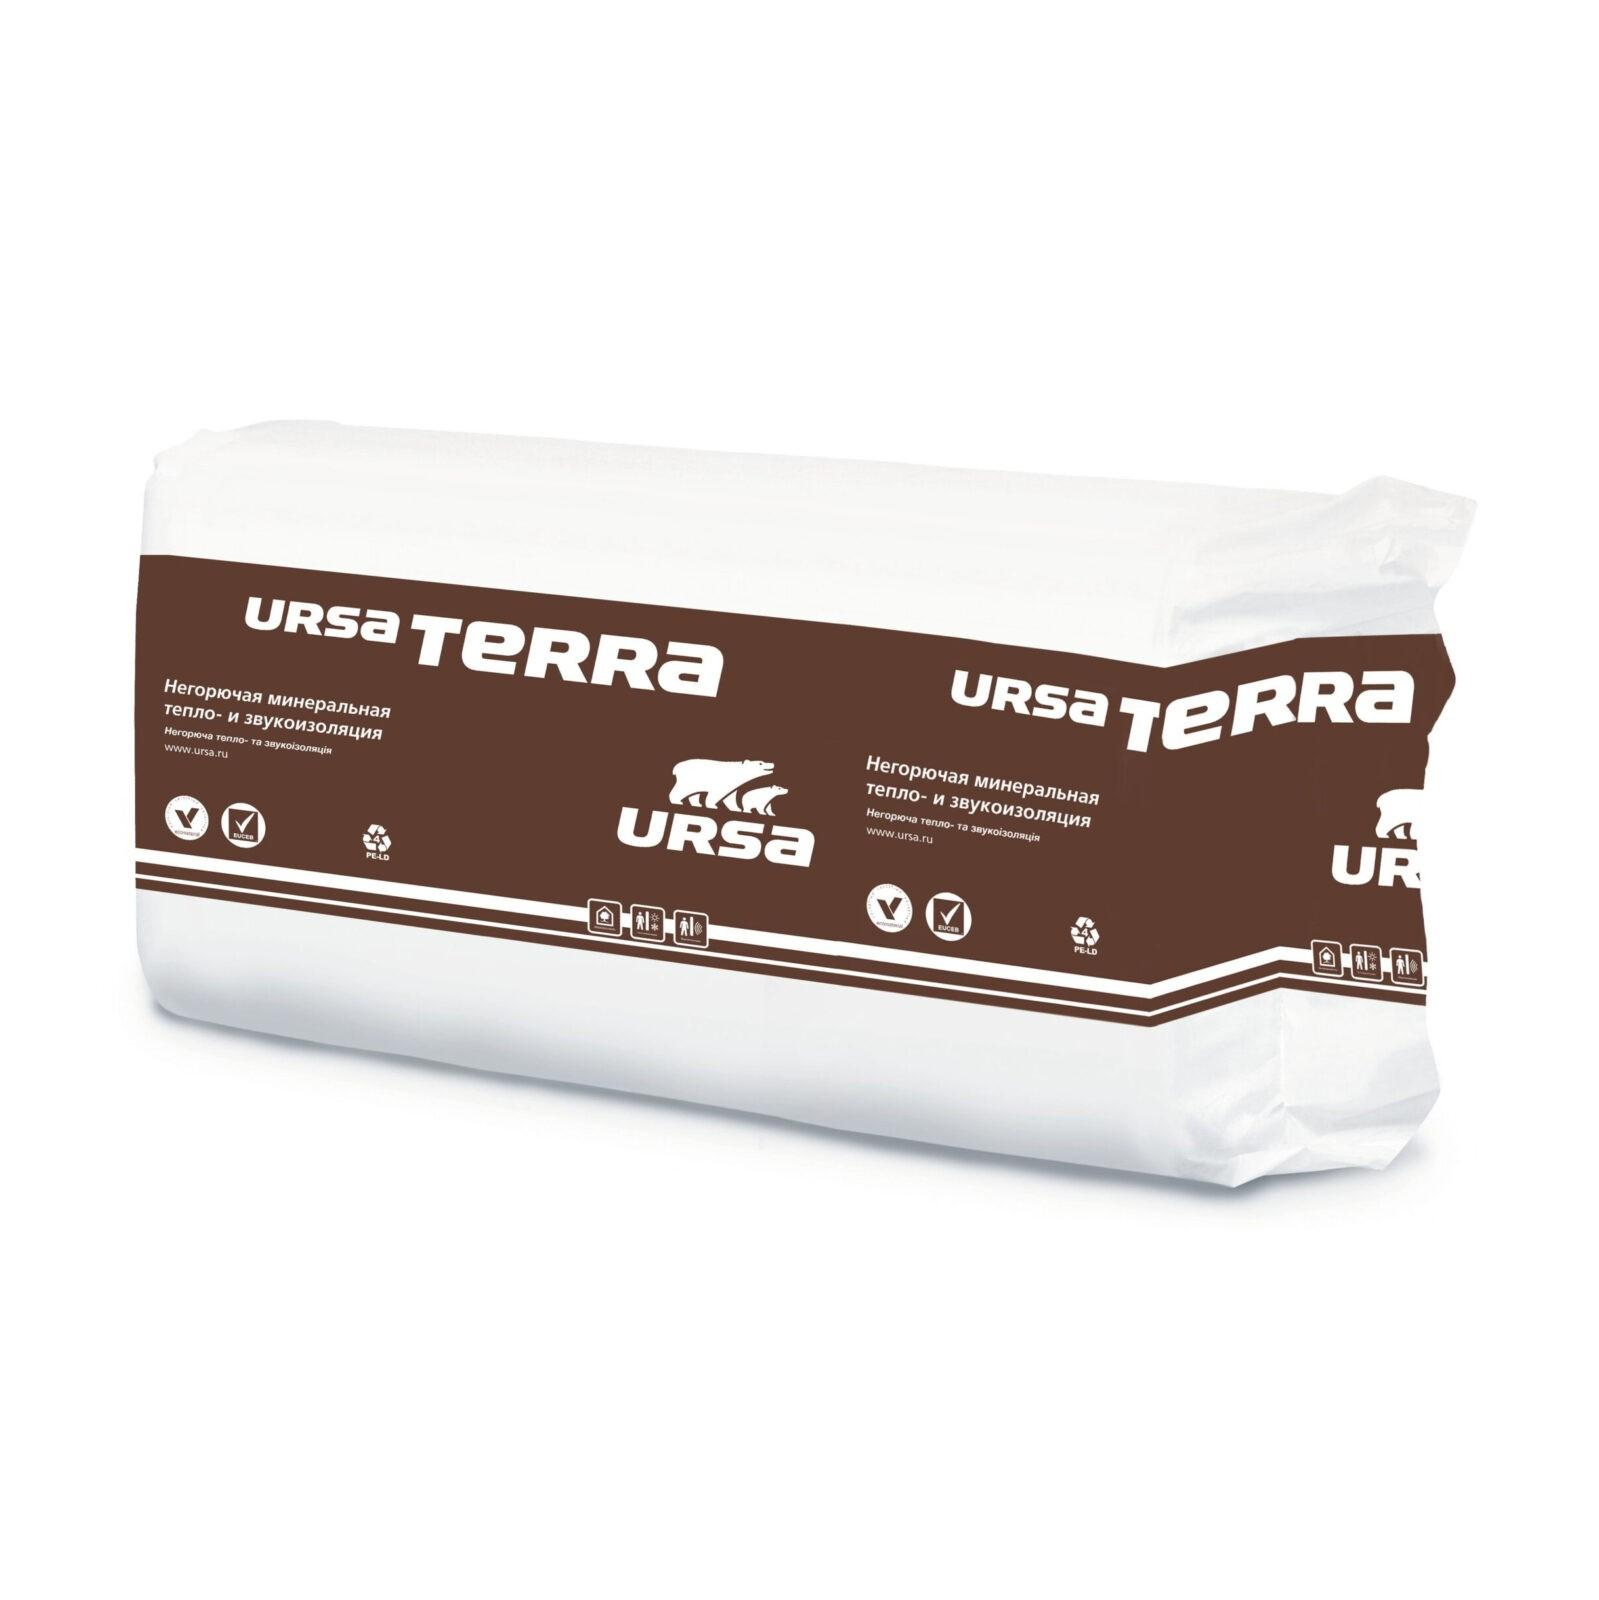 Минеральная изоляция URSA TERRA 37PN 1250-610-100(0,7625м3/7,625м2)